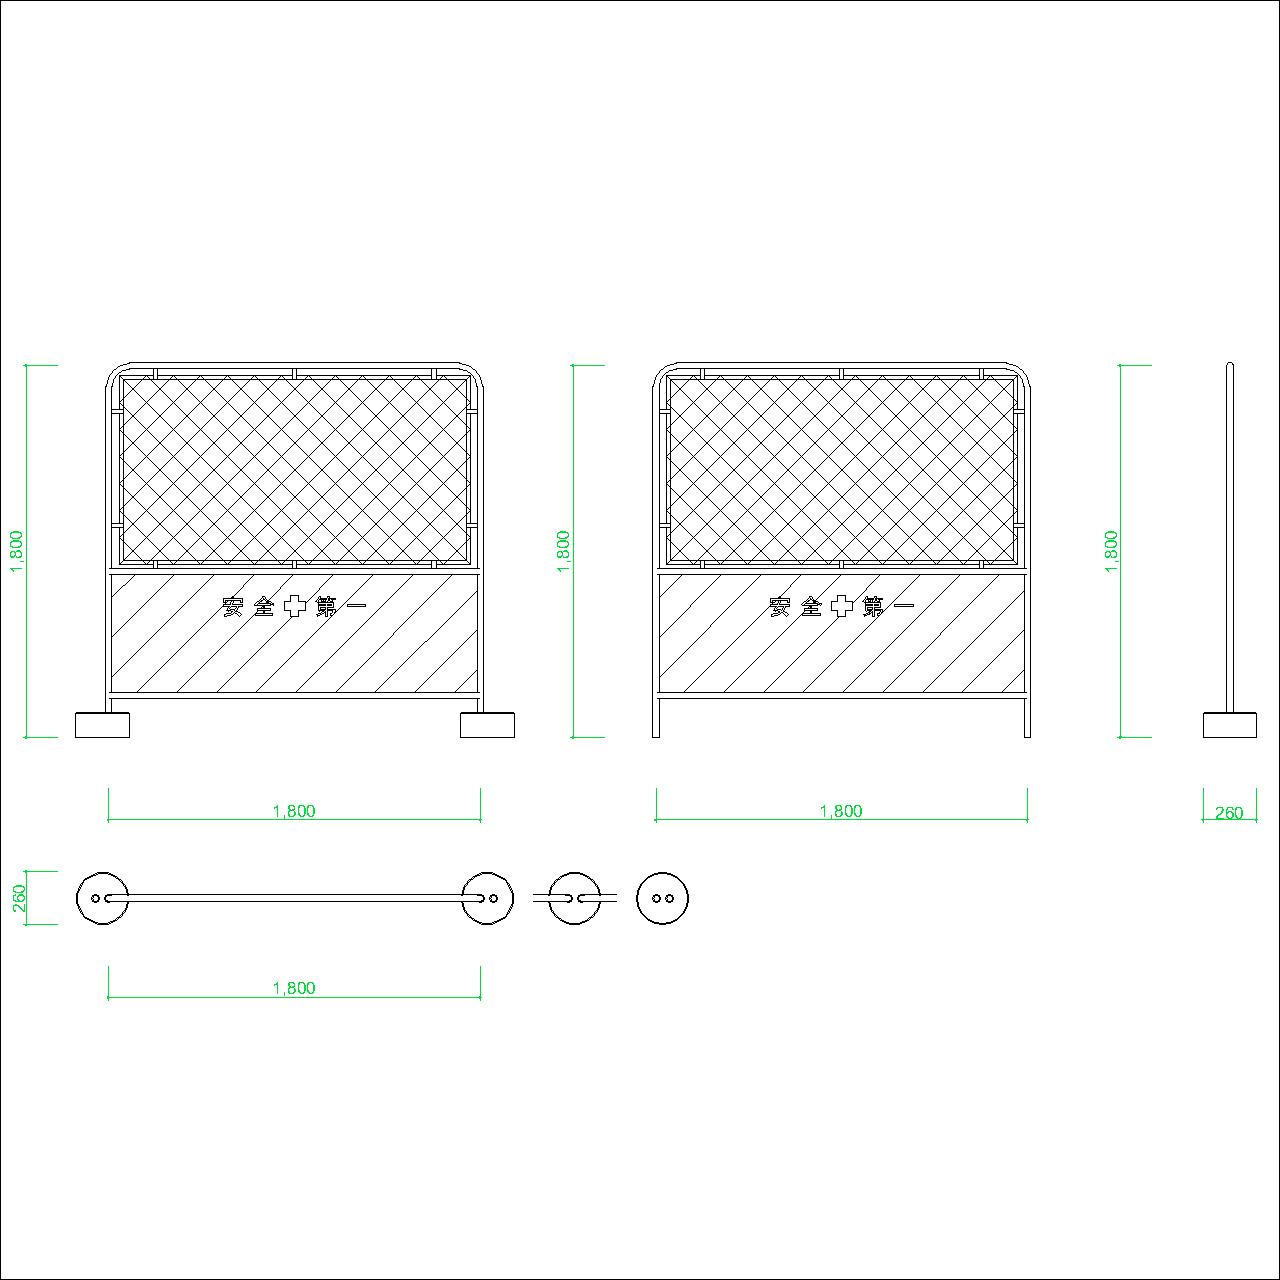 ガードフェンスの2DCAD部品丨建設工事 仮設材 安全区画丨無料 商用可能 フリー素材 フリーデータ AUTOCAD DWG DXF